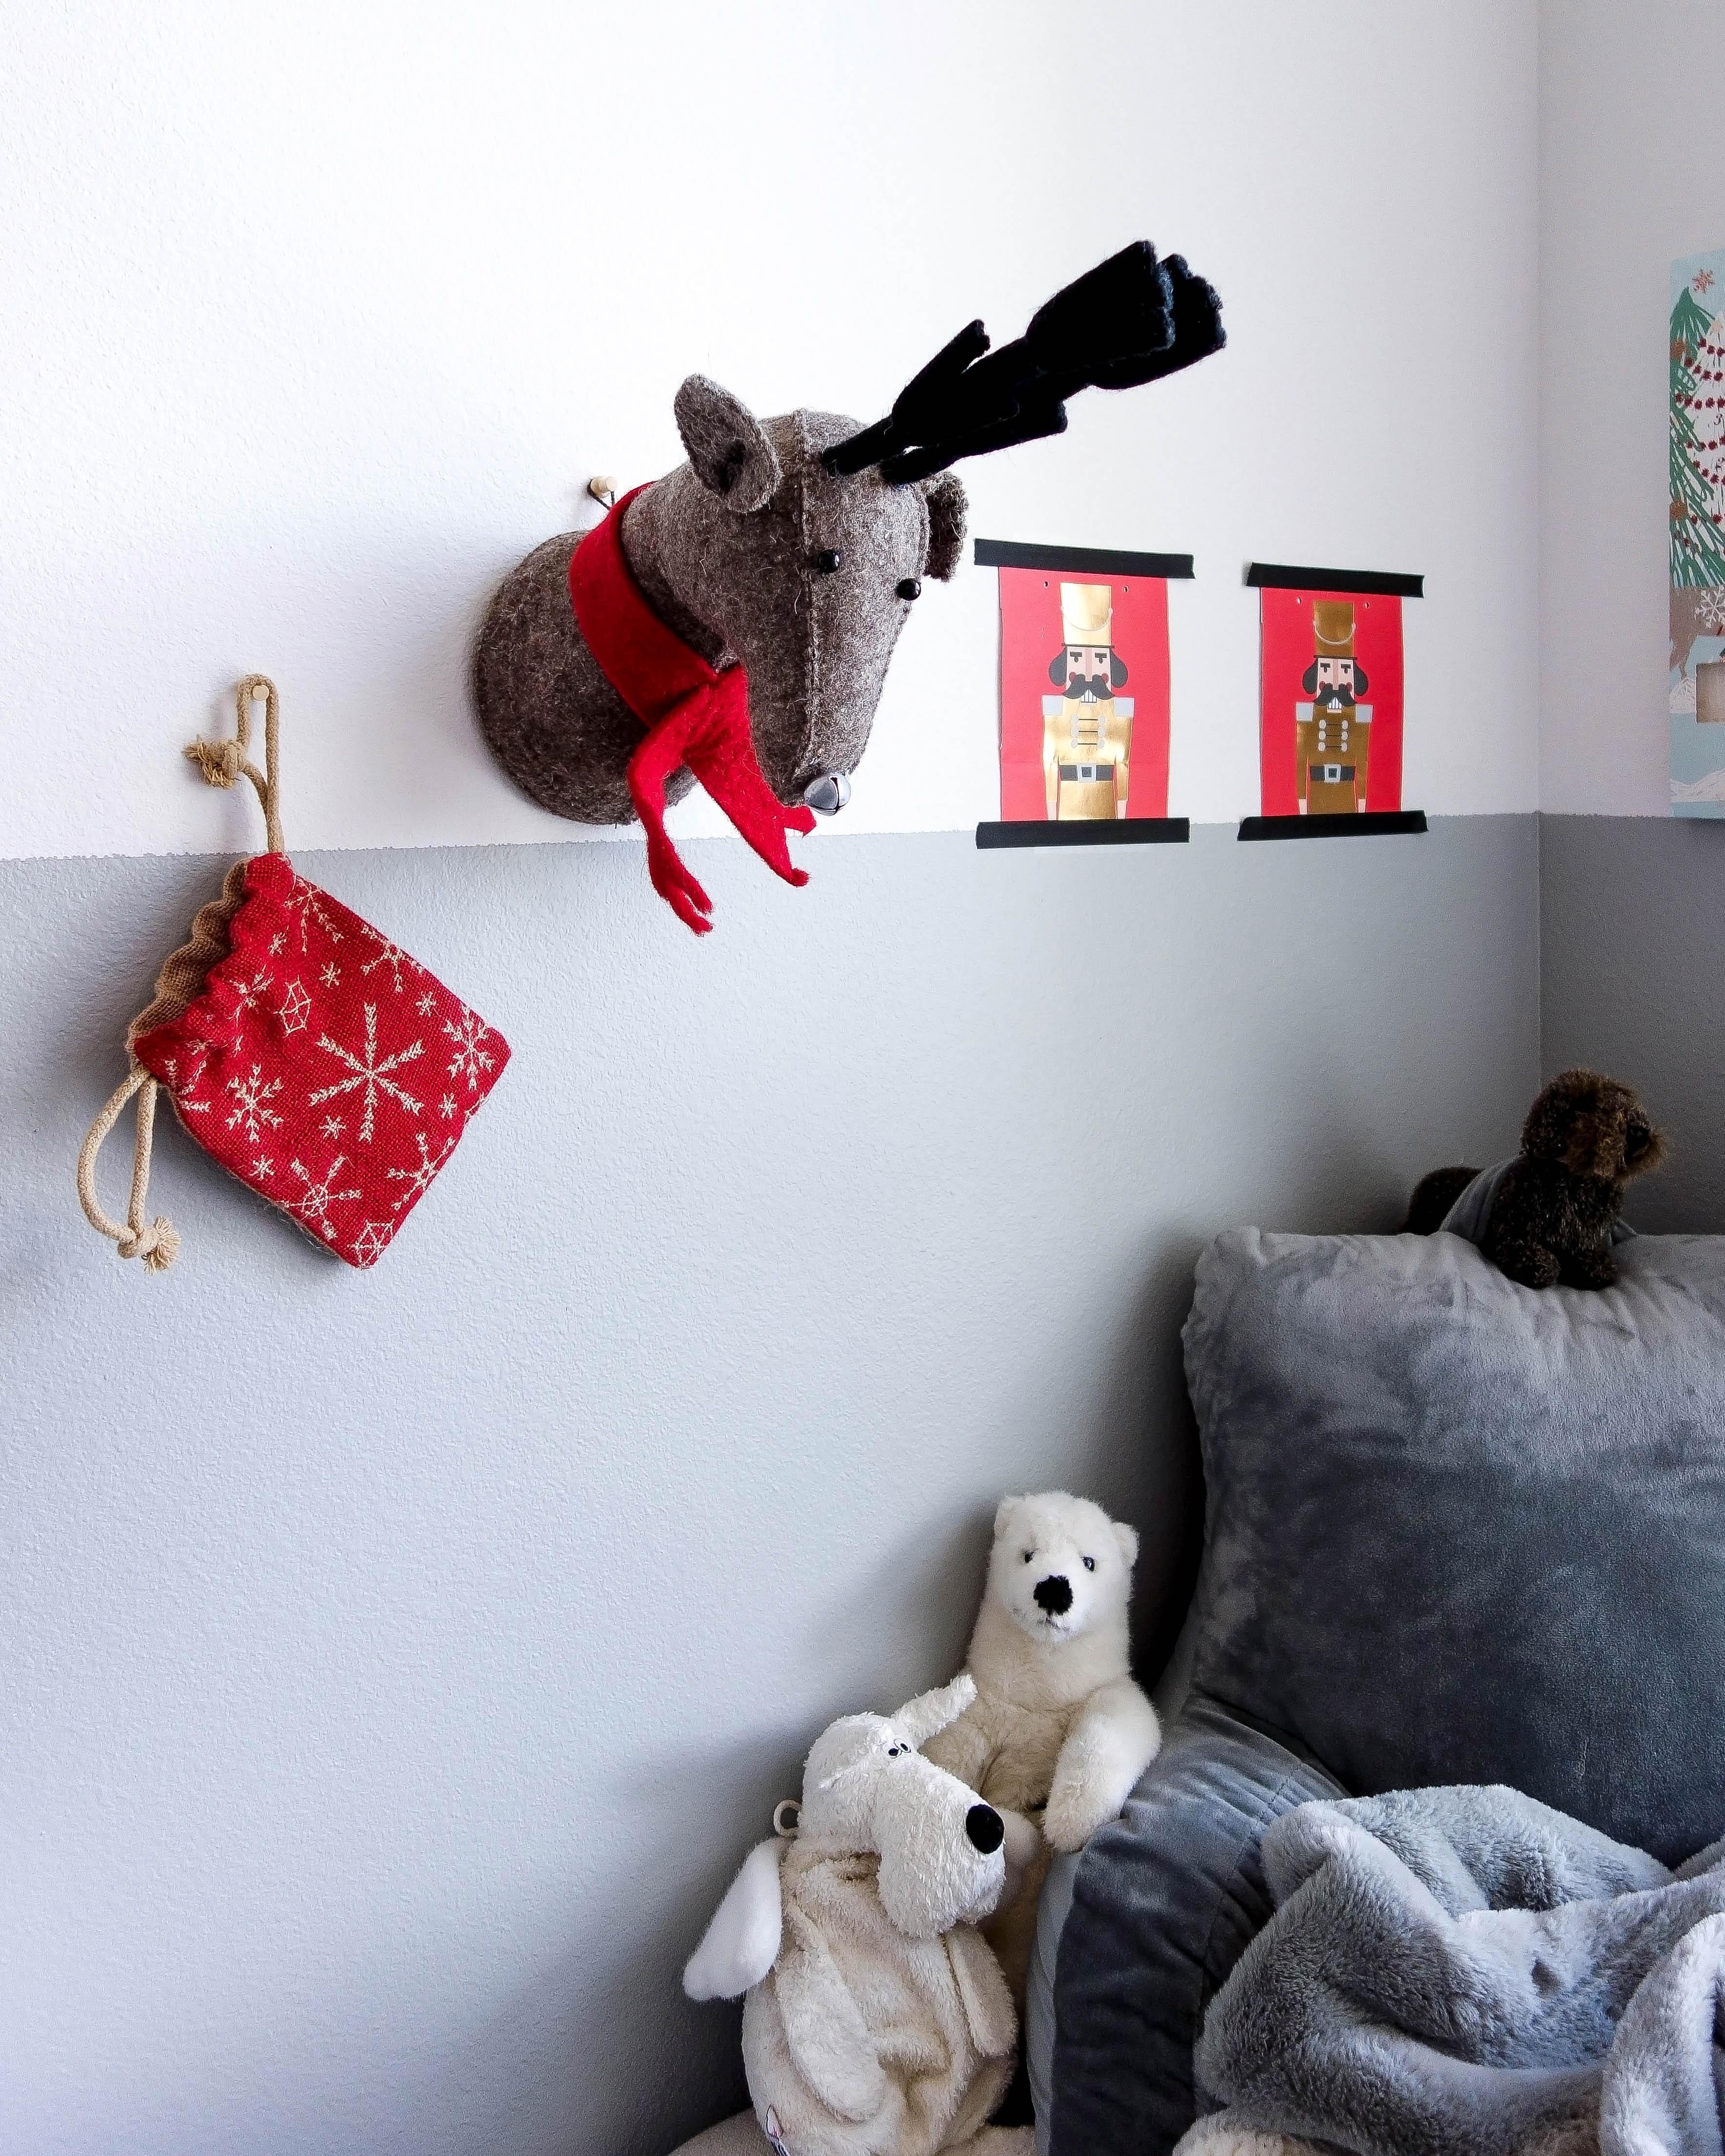 Kinderzimmer bilder ideen couchstyle - Weihnachtsdeko kinderzimmer ...